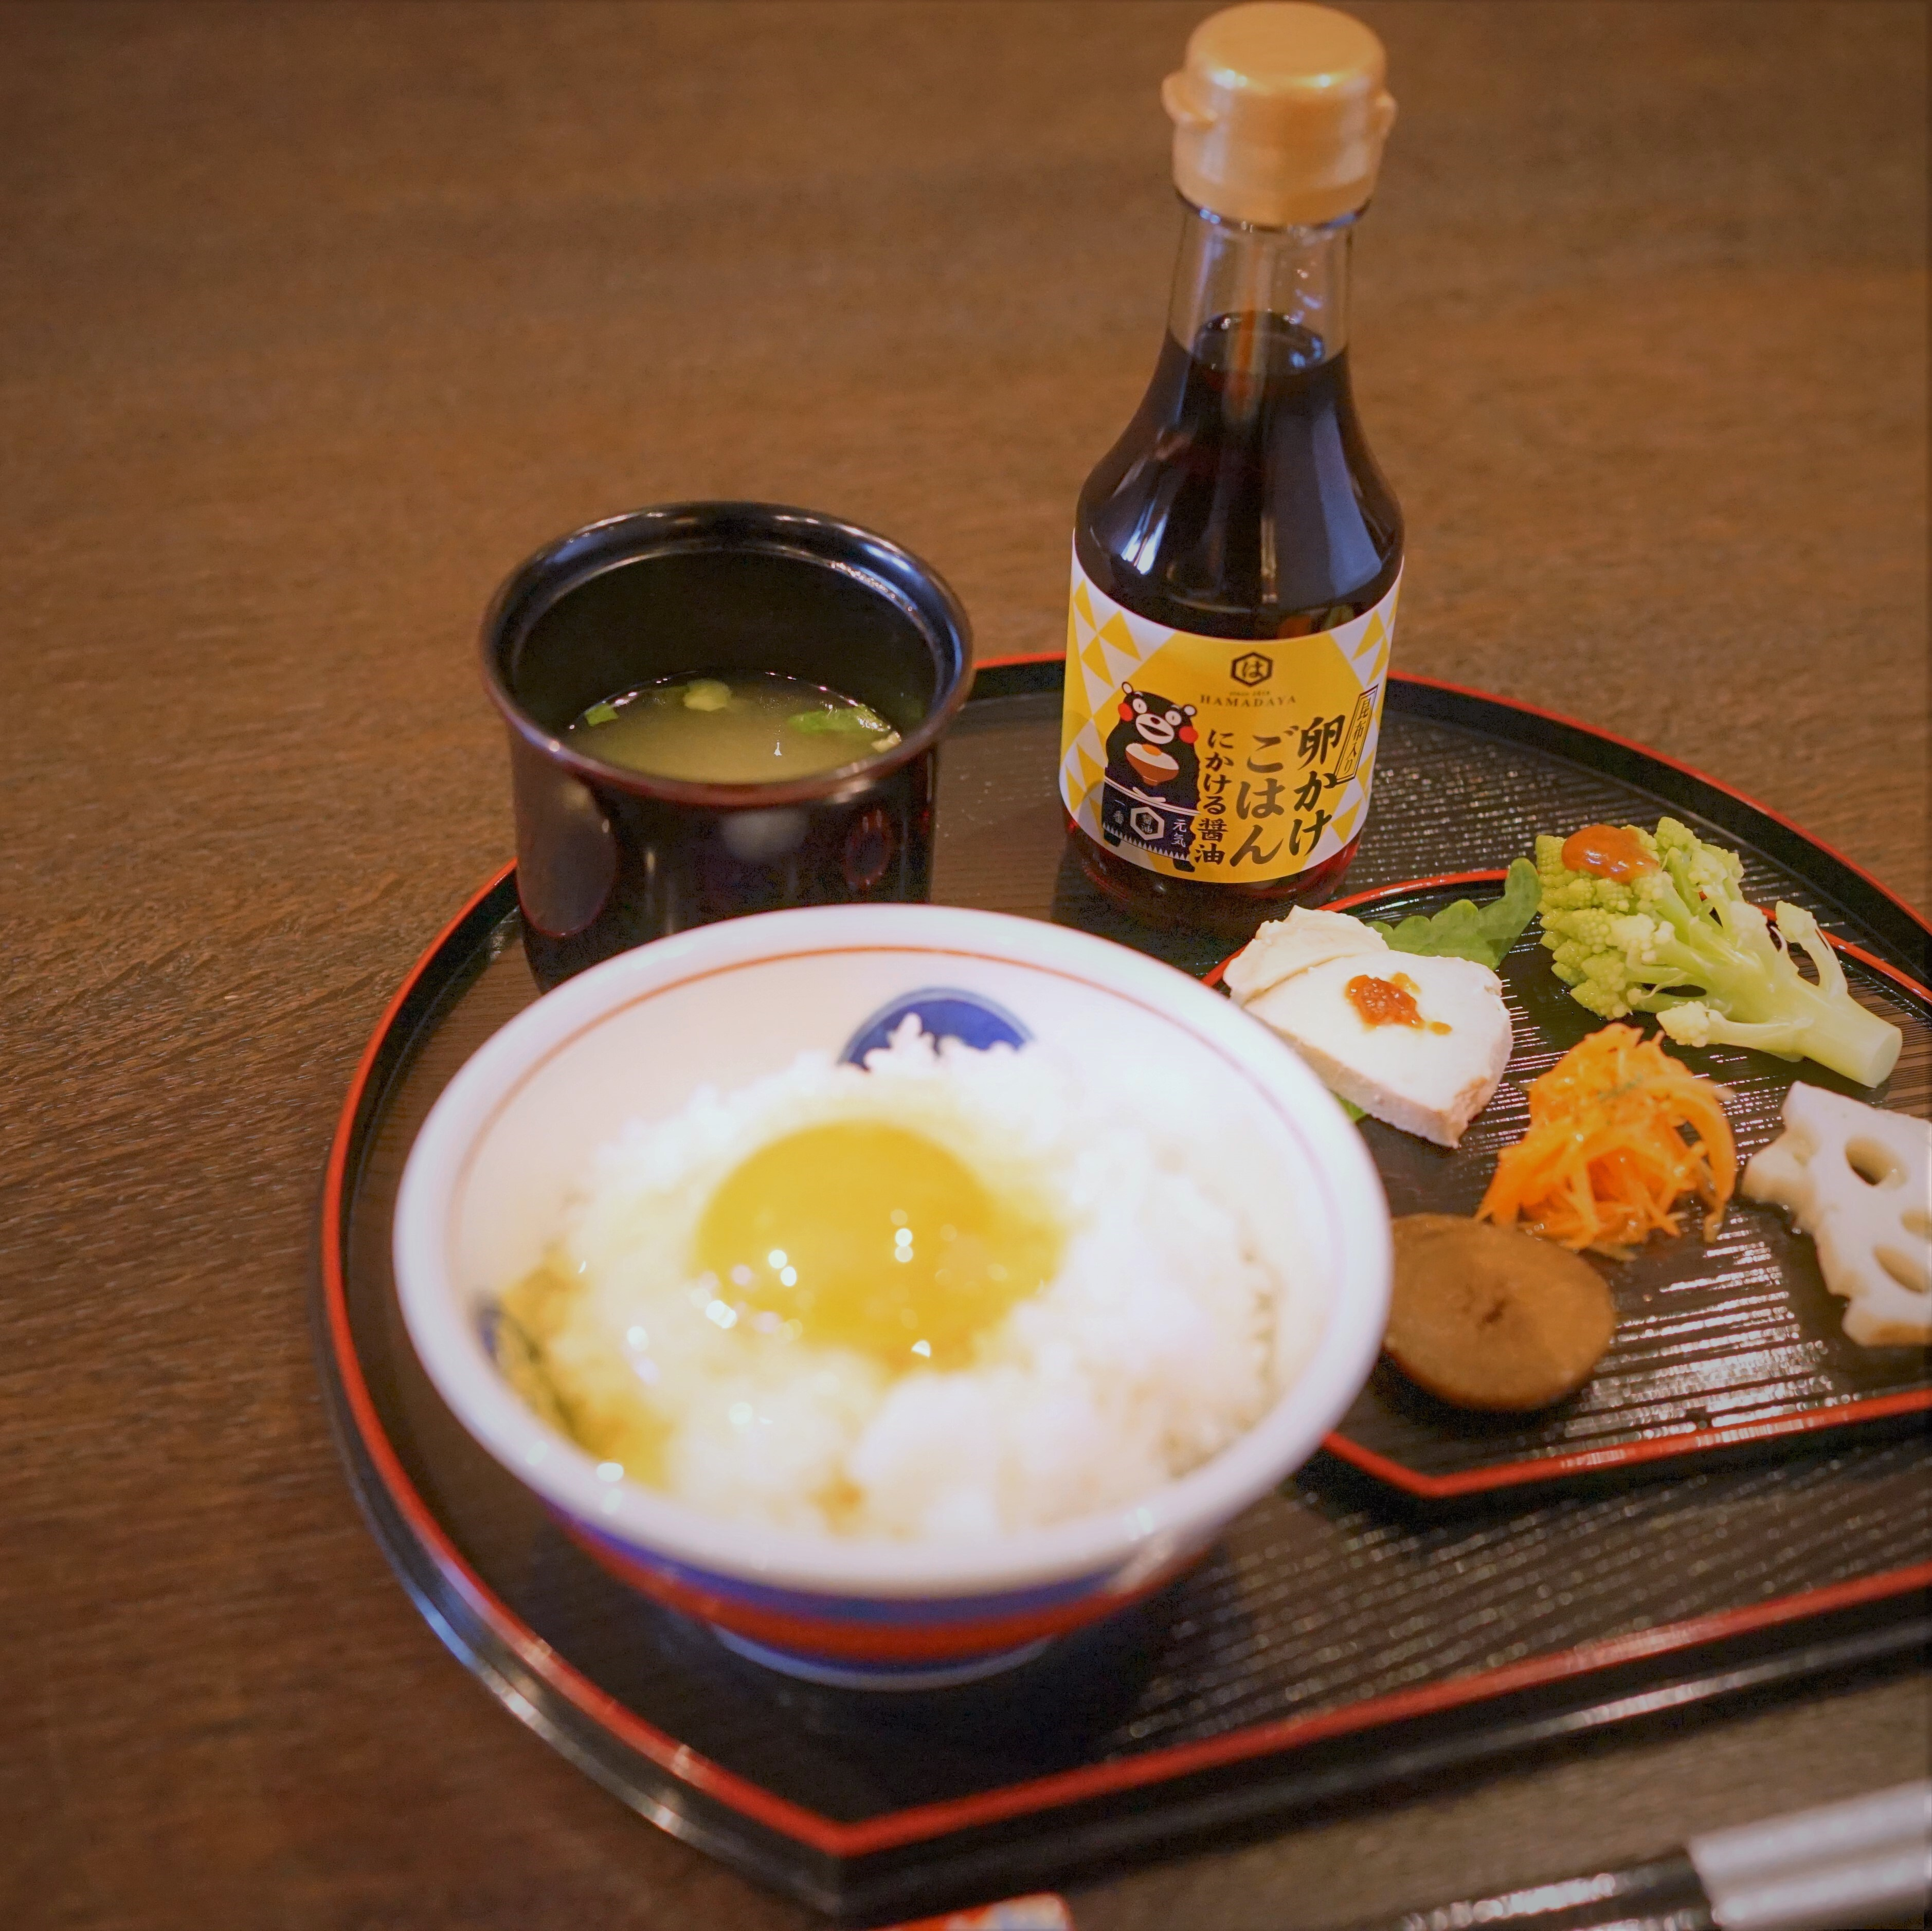 【1本入り】 卵かけご飯にかける醤油 150ml